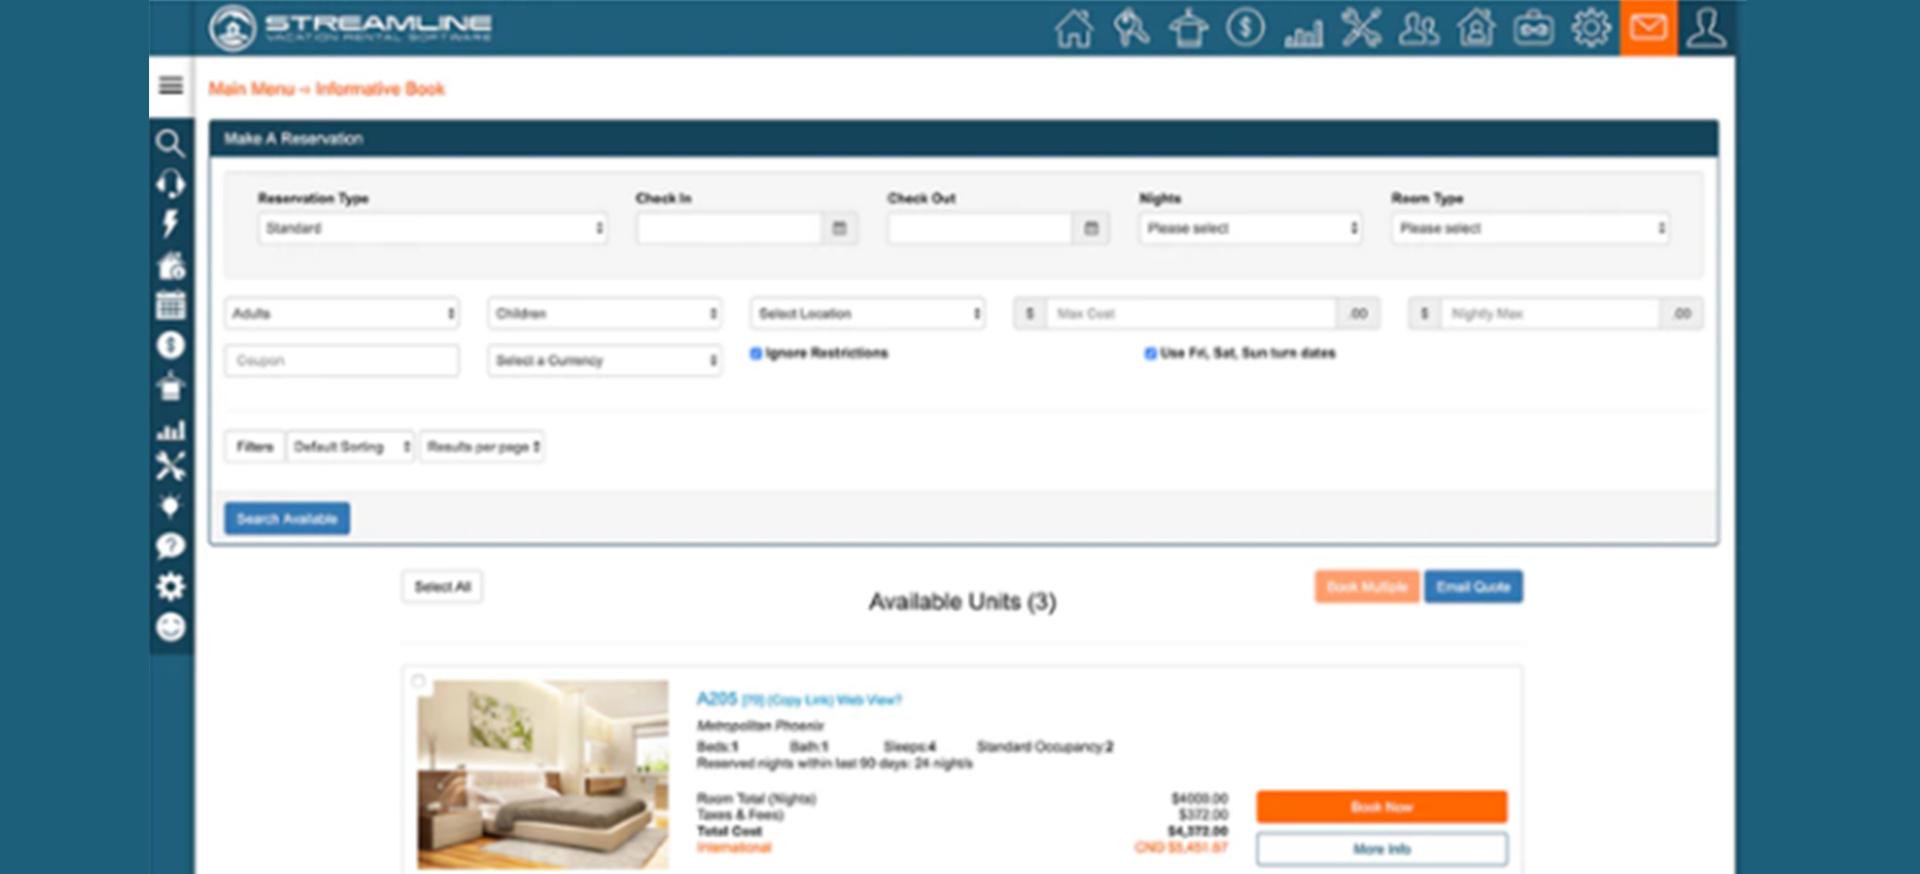 Sreamline direct booking website-Zeevou vs Streamline